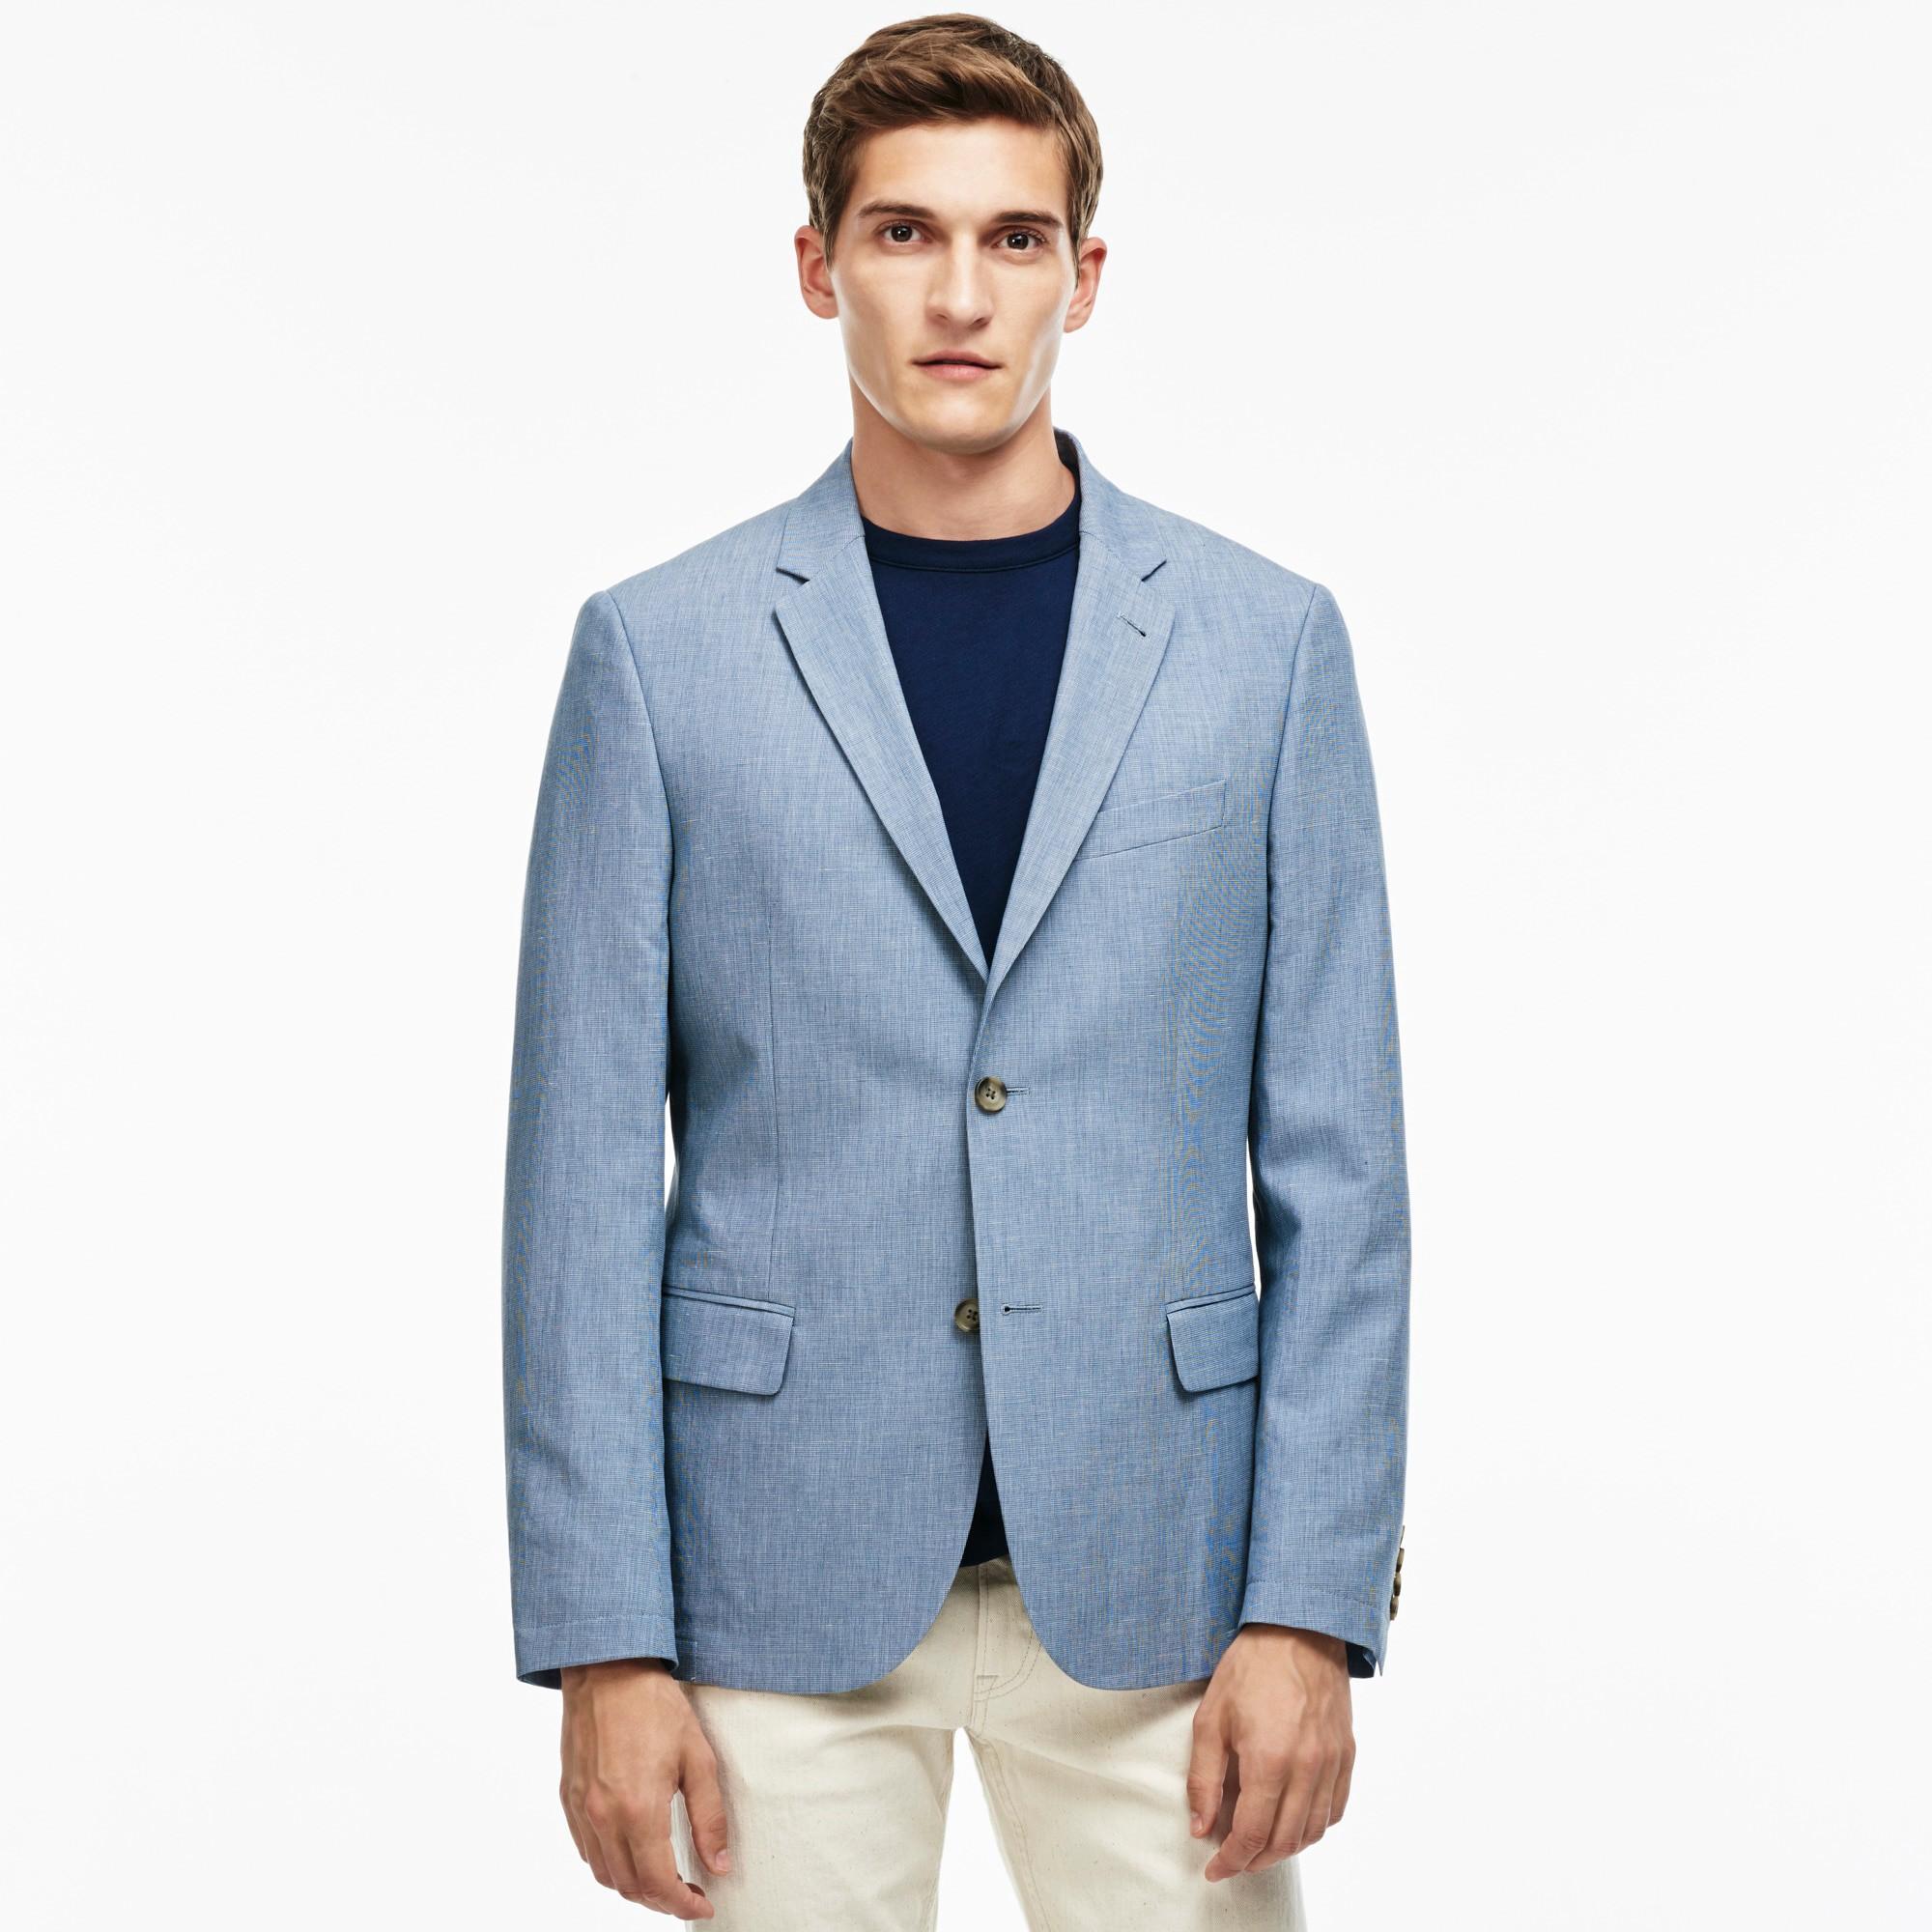 lacoste suit